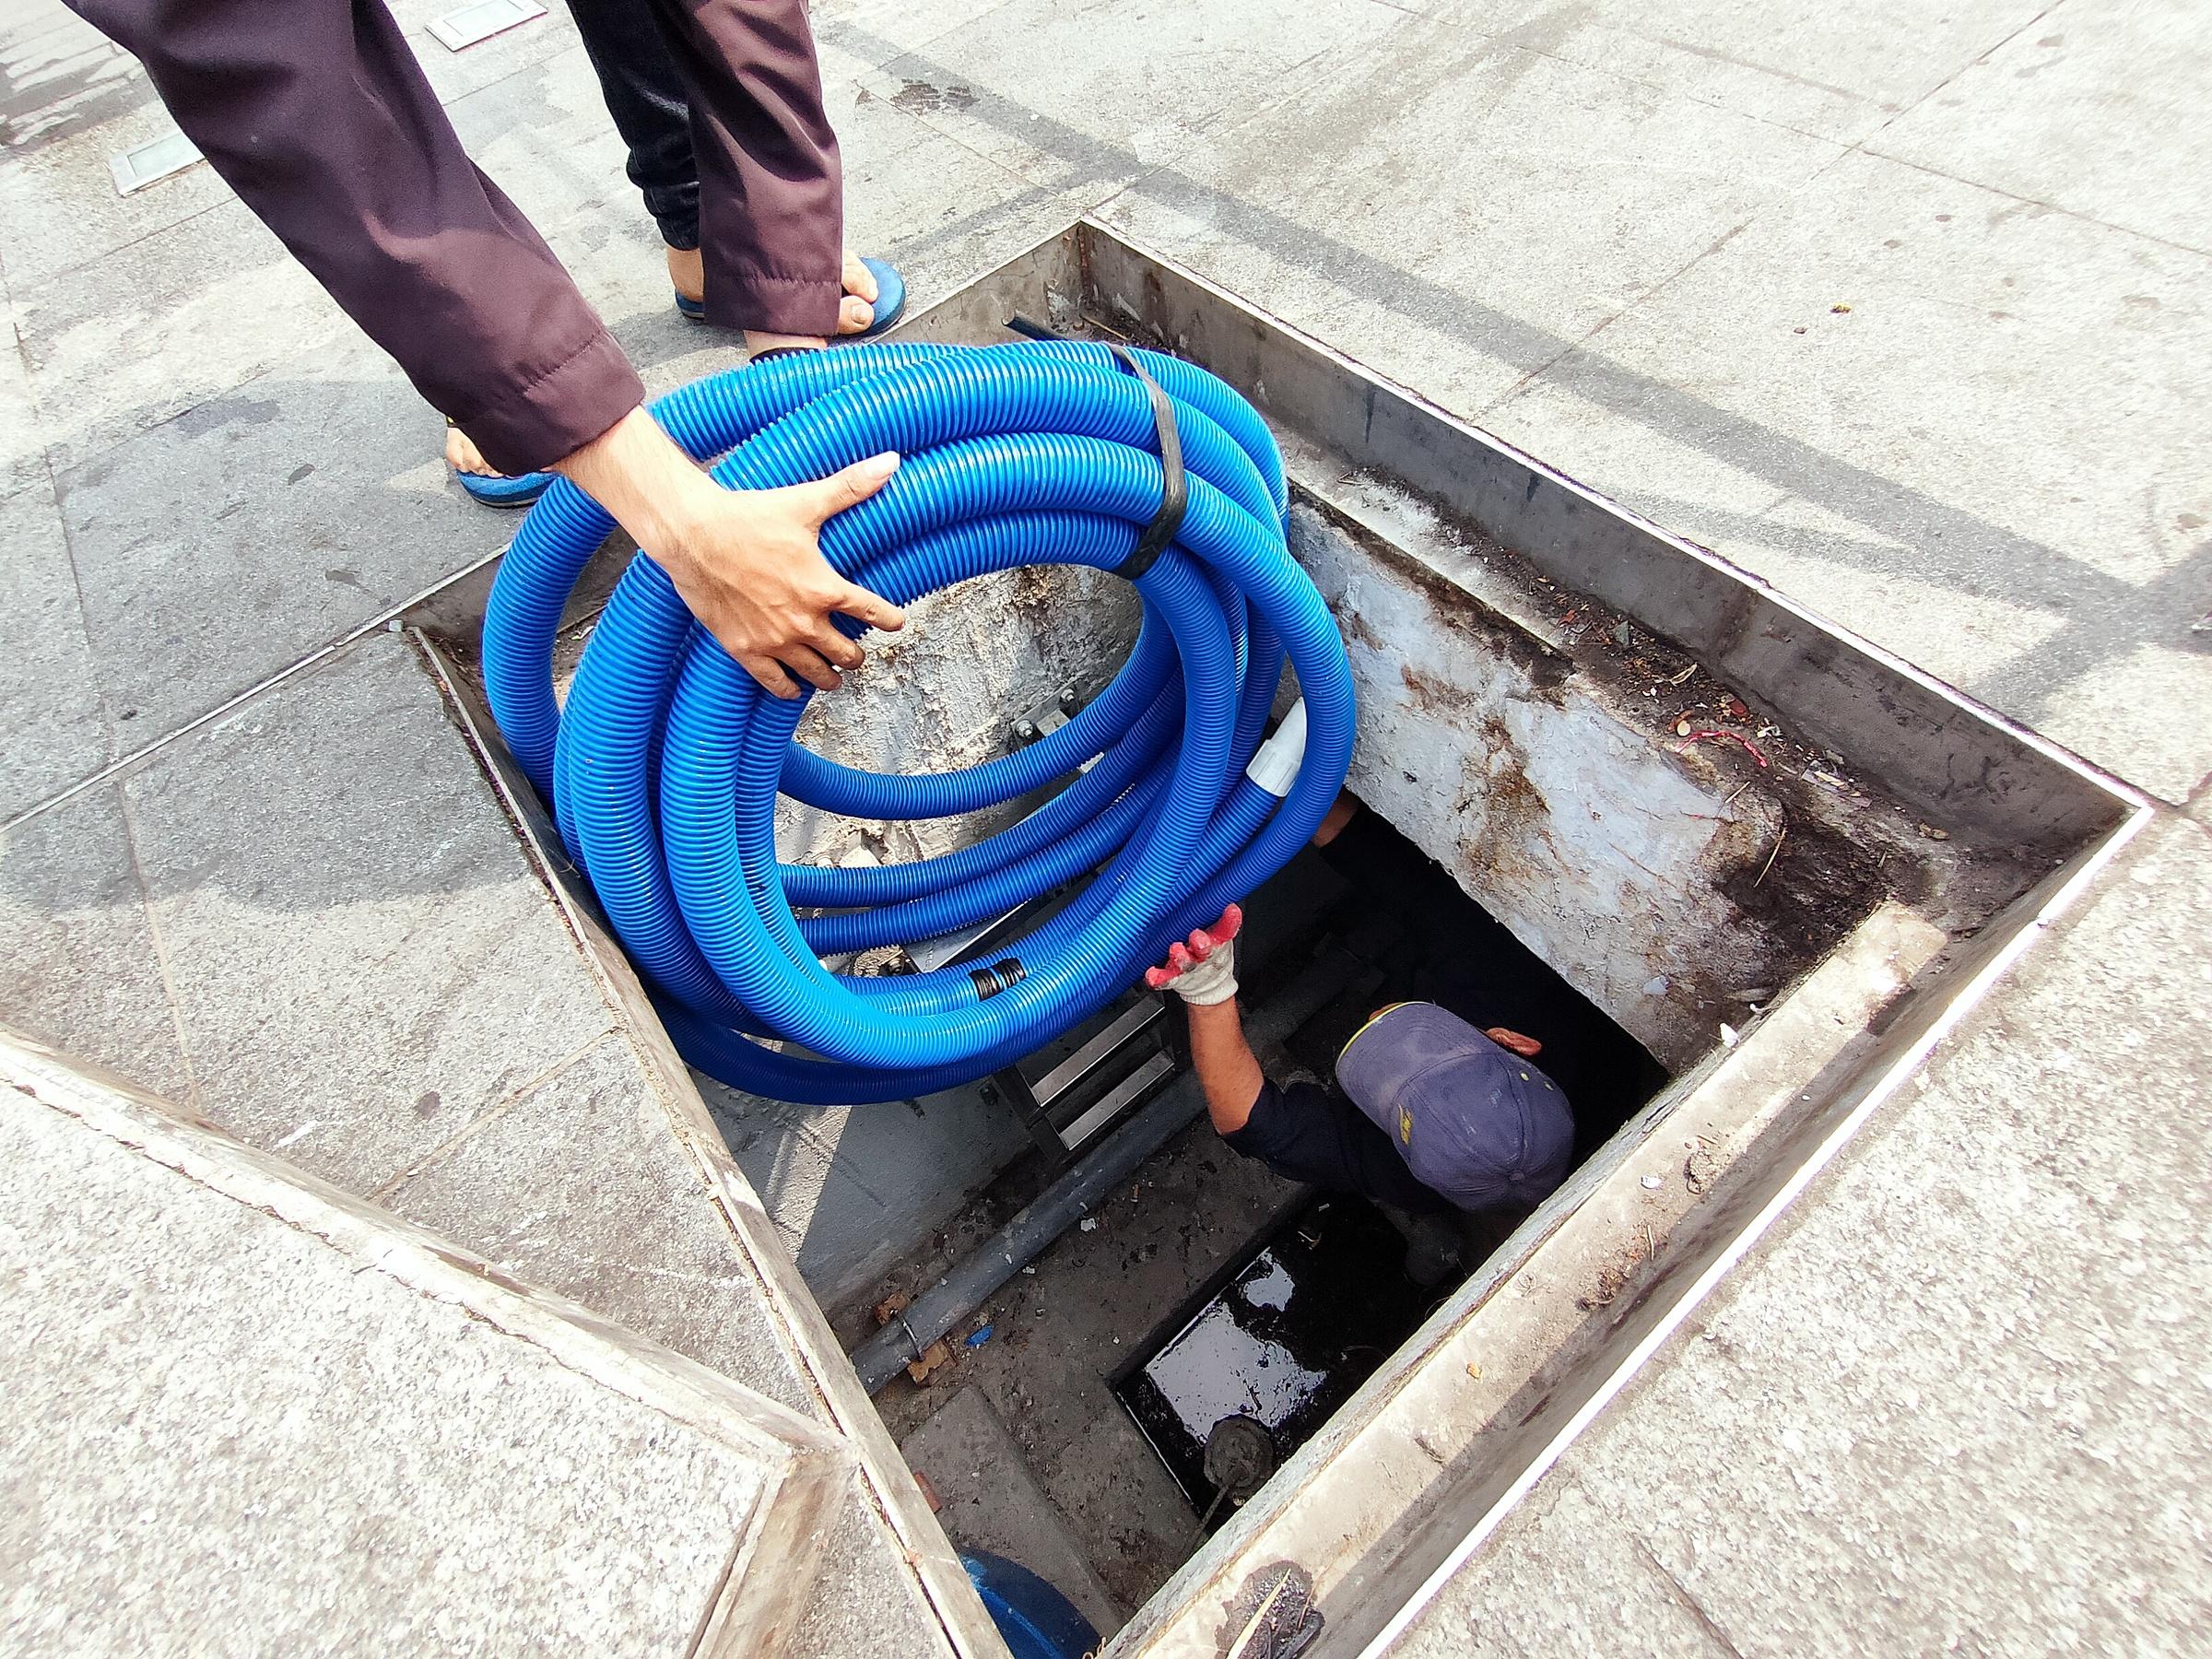 Với người thợ sửa chữa đường ống thoát nước này, dù ngày thường hay Tết đến, các anh vẫn ngụp lặn trong làn nước đen để đảm bảo hệ thống thoát nước luôn thông suốt.